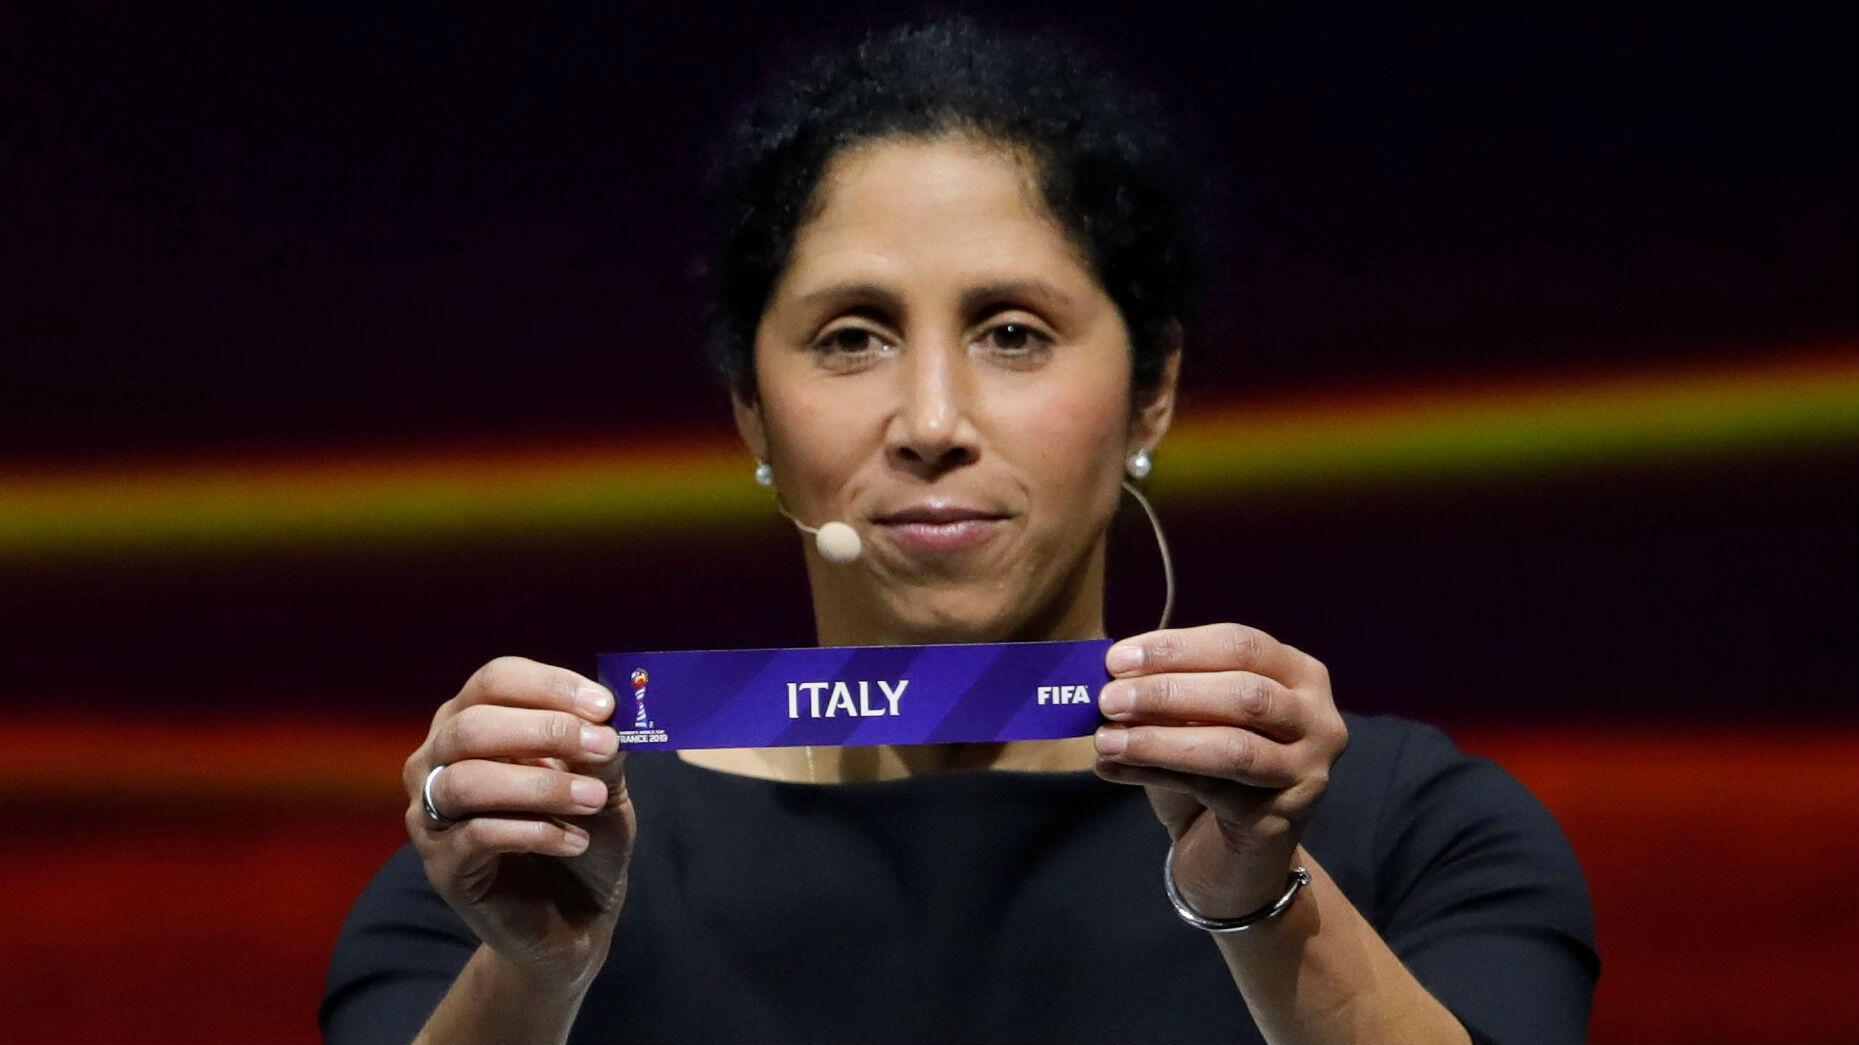 La exfutbolista alemana Steffi Jones muestra la papeleta de Italia en el sorteo del Mundial de Francia de 2019 celebrado en Boulogne-Billancourt. 8 de diciembre de 2018.